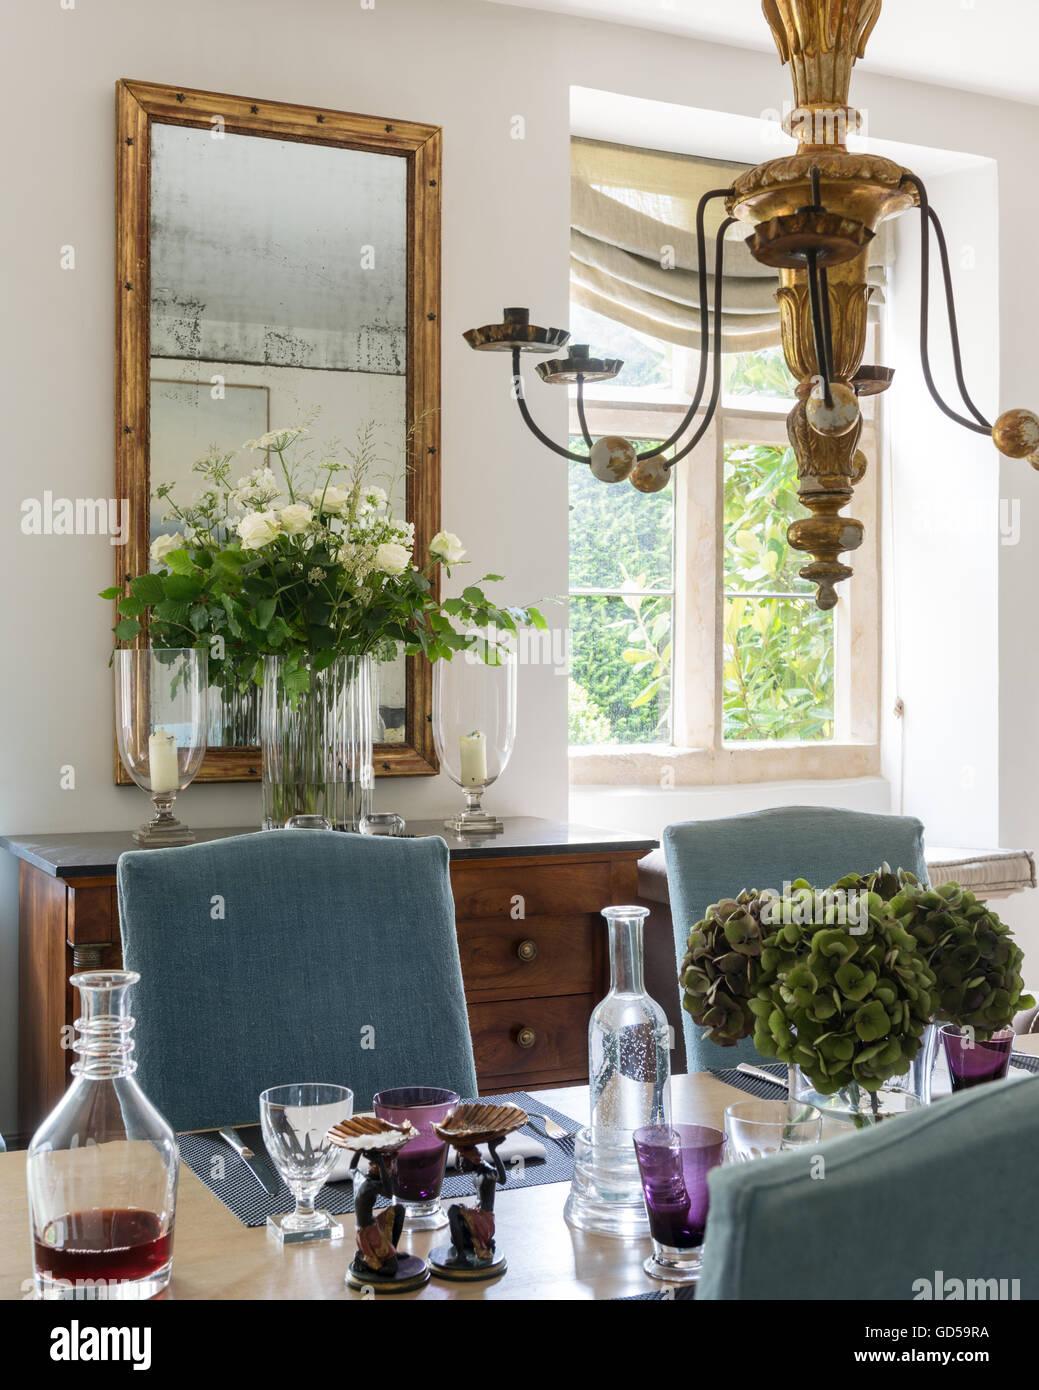 Leinen Abgedeckt Stühle In Offene Küche Esszimmer Mit Vergoldeten Decke  Kandelaber